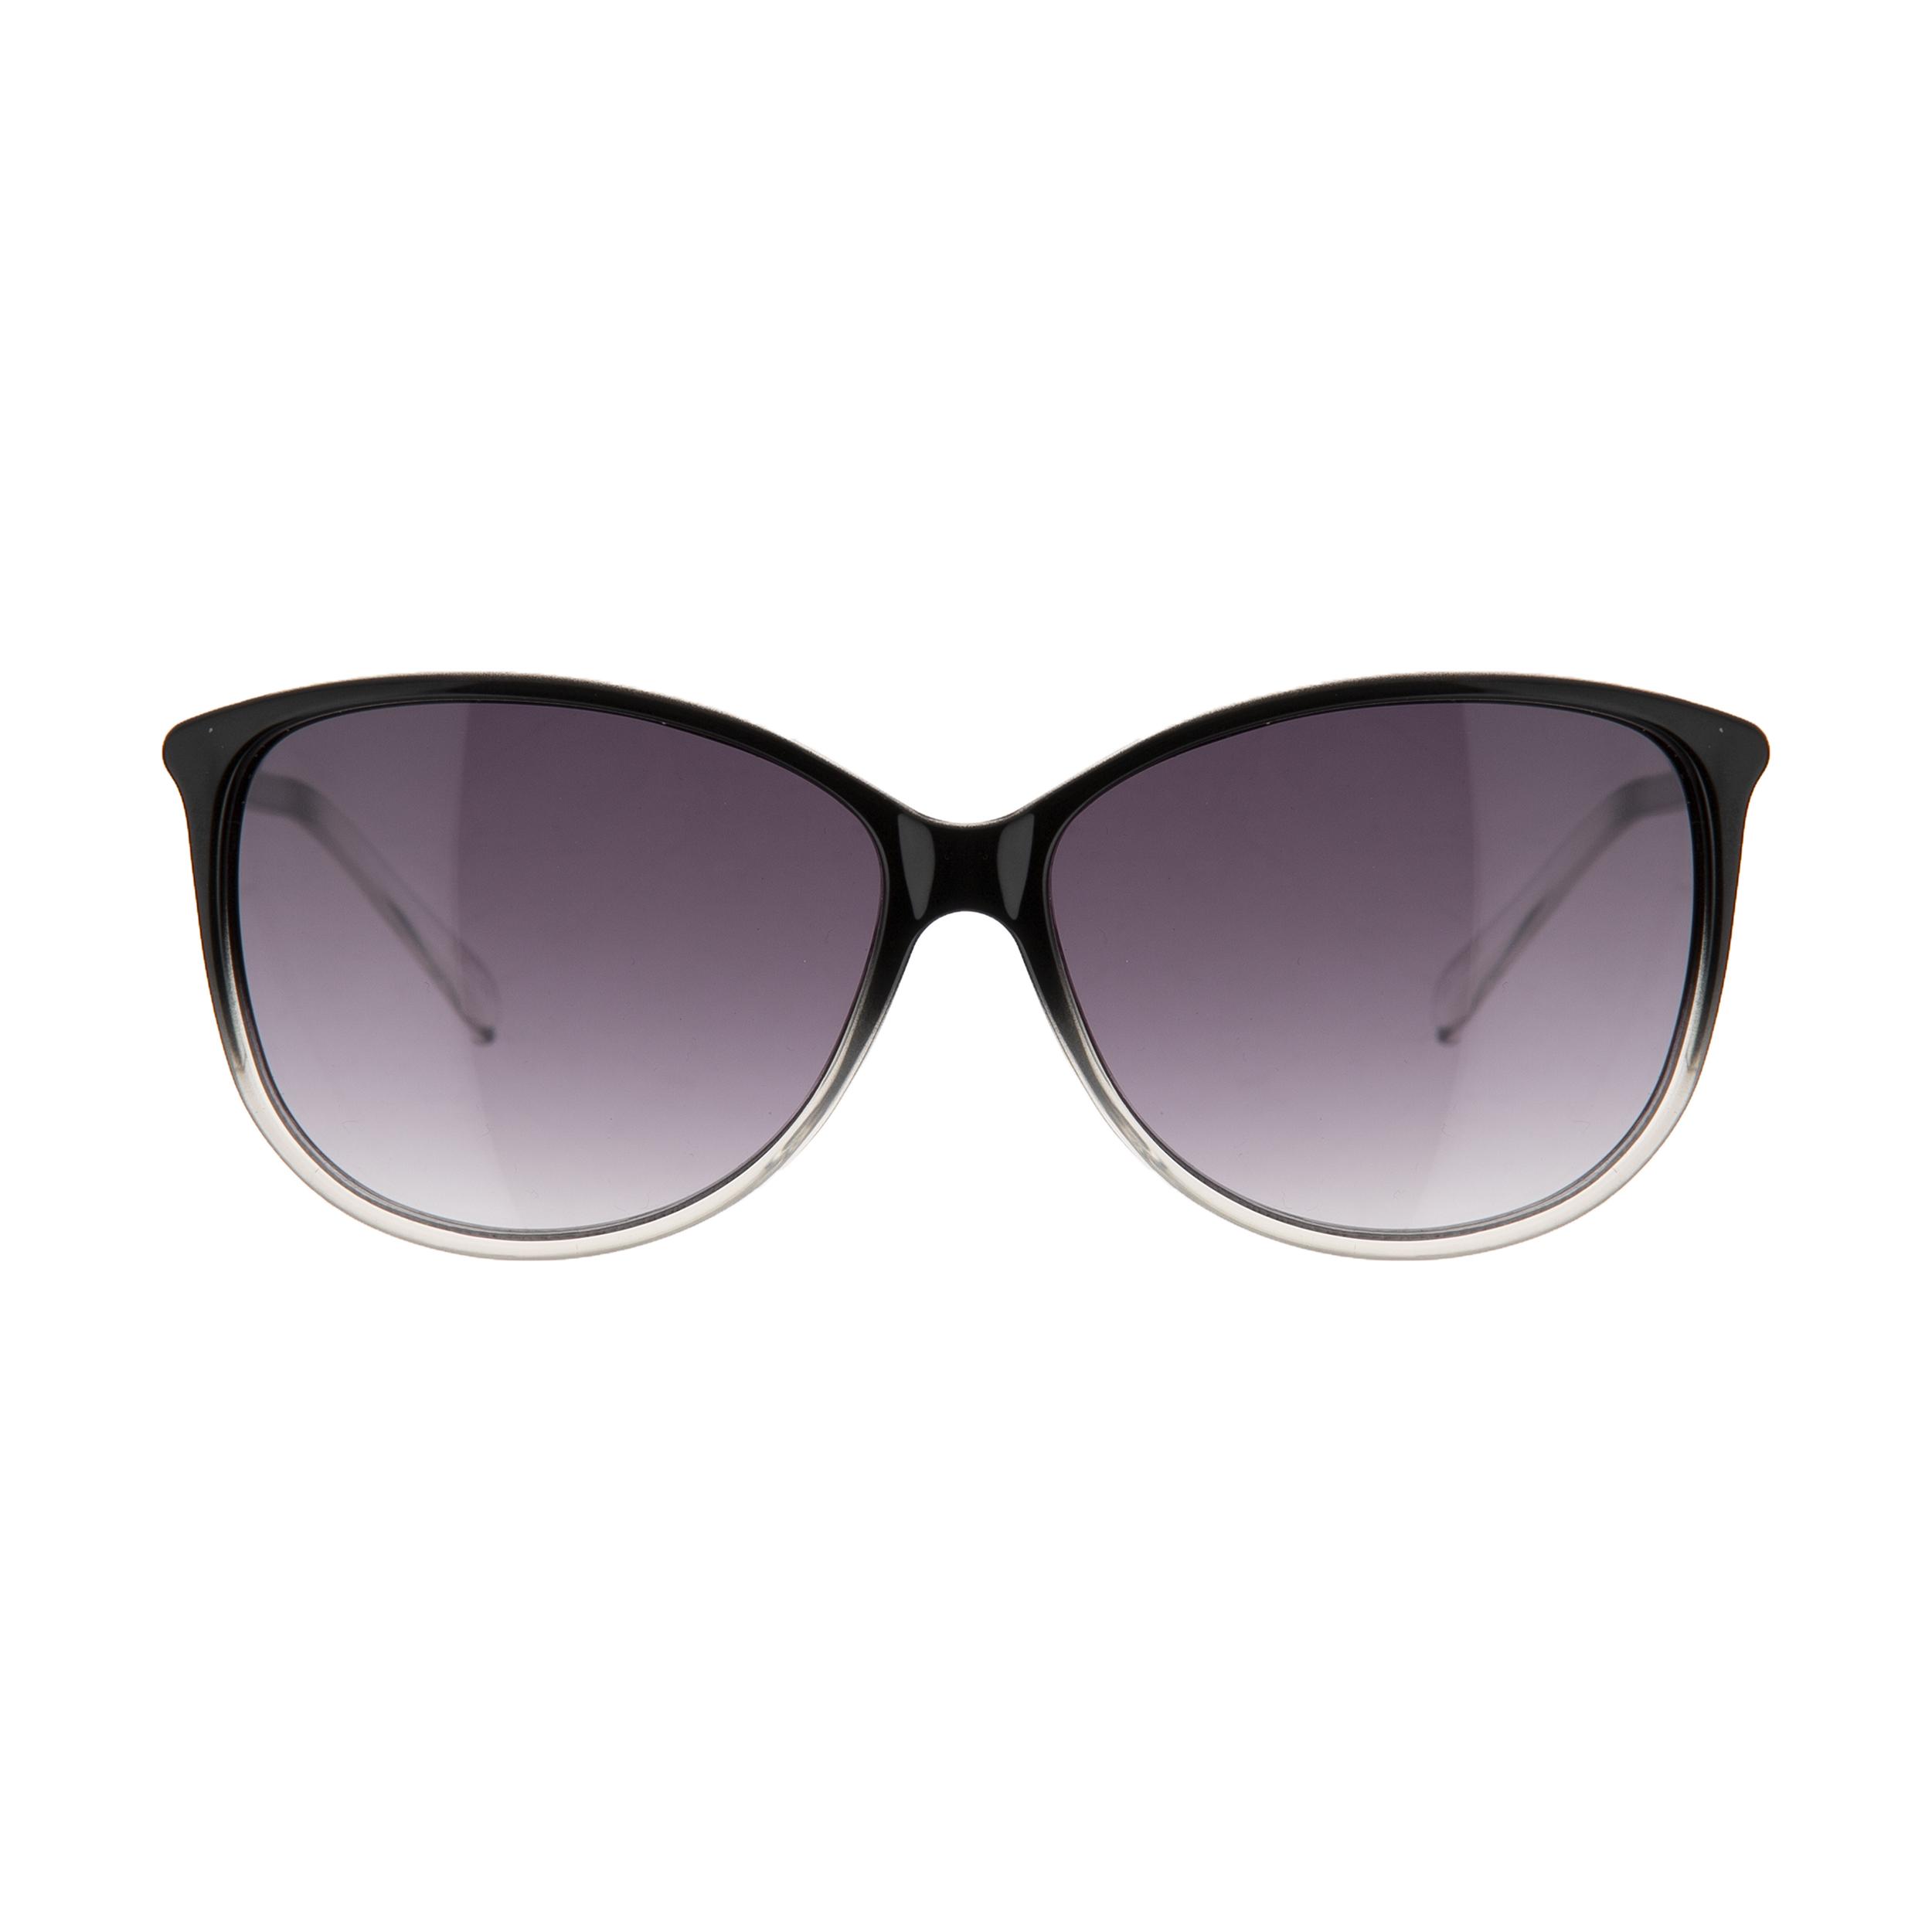 عینک آفتابی زنانه تد بیکر مدل TB 1495 OO8